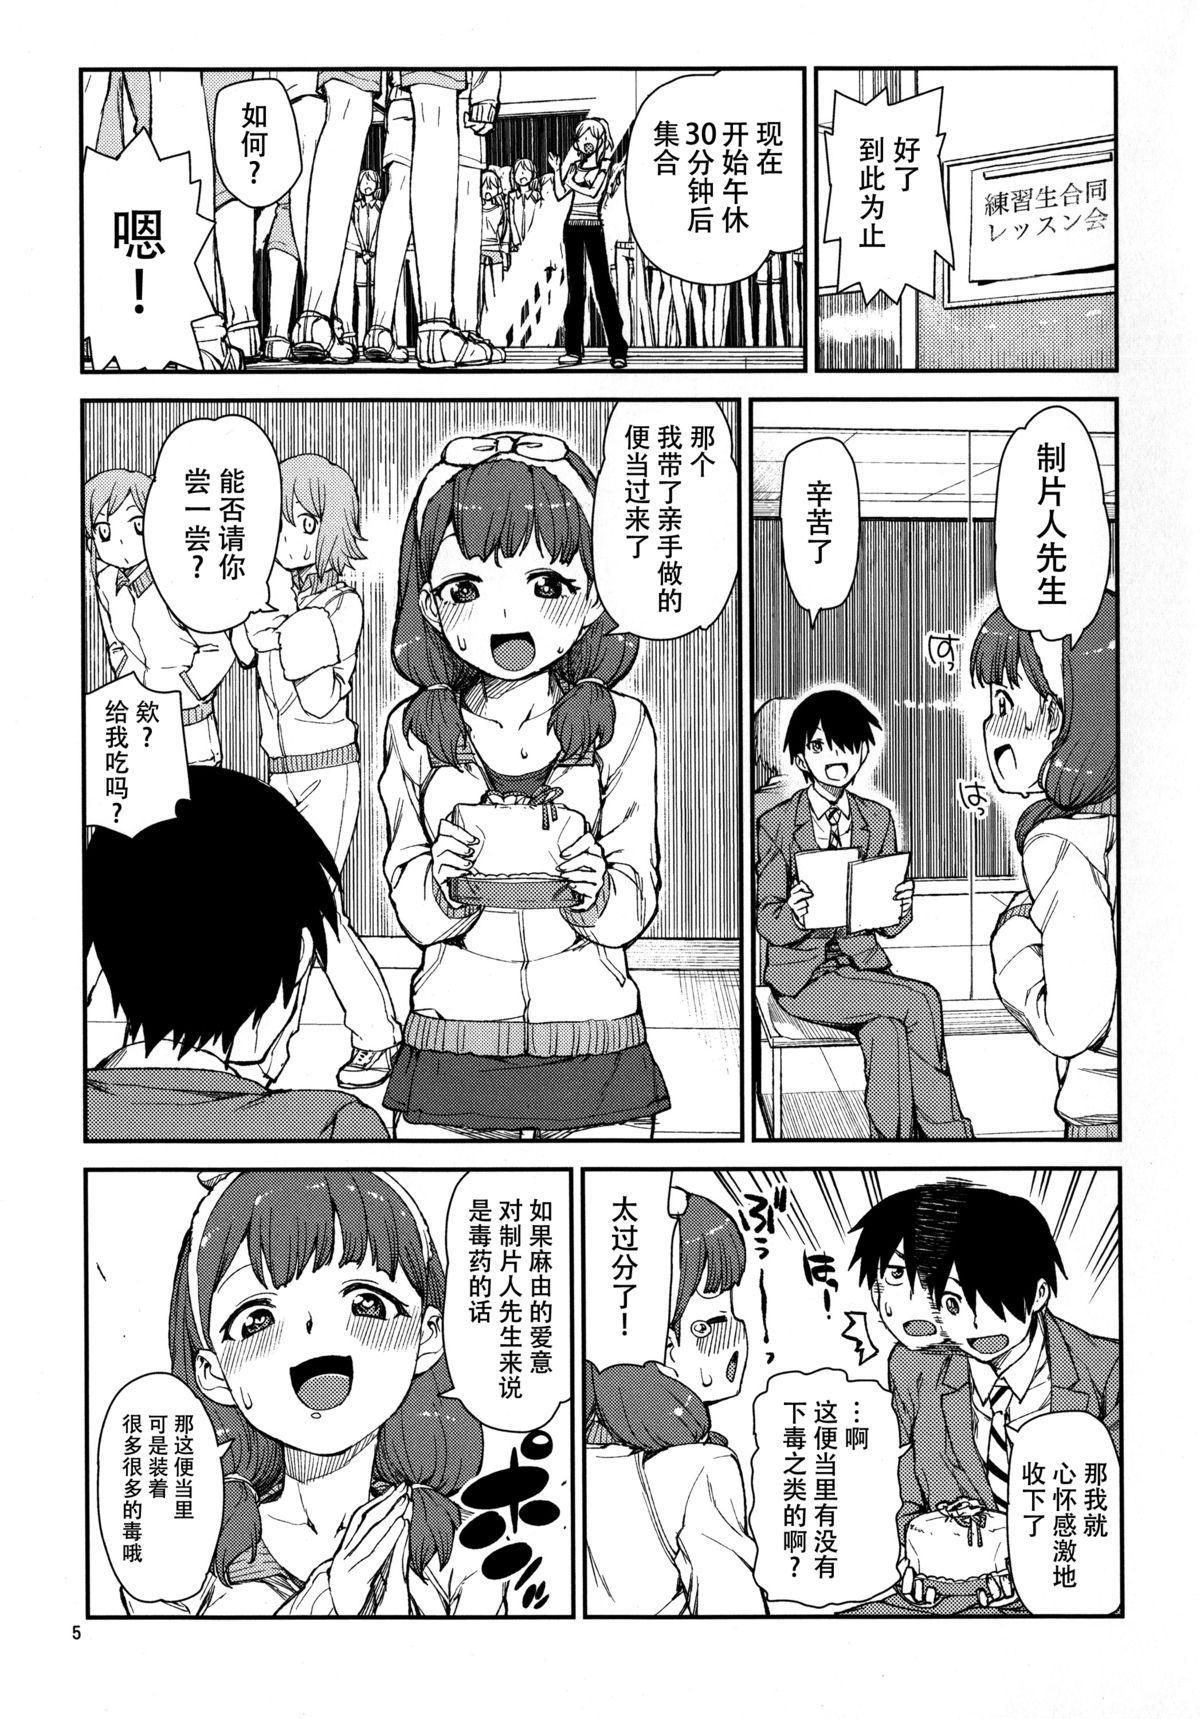 Korekara Nakyoku Shimashou ne 6